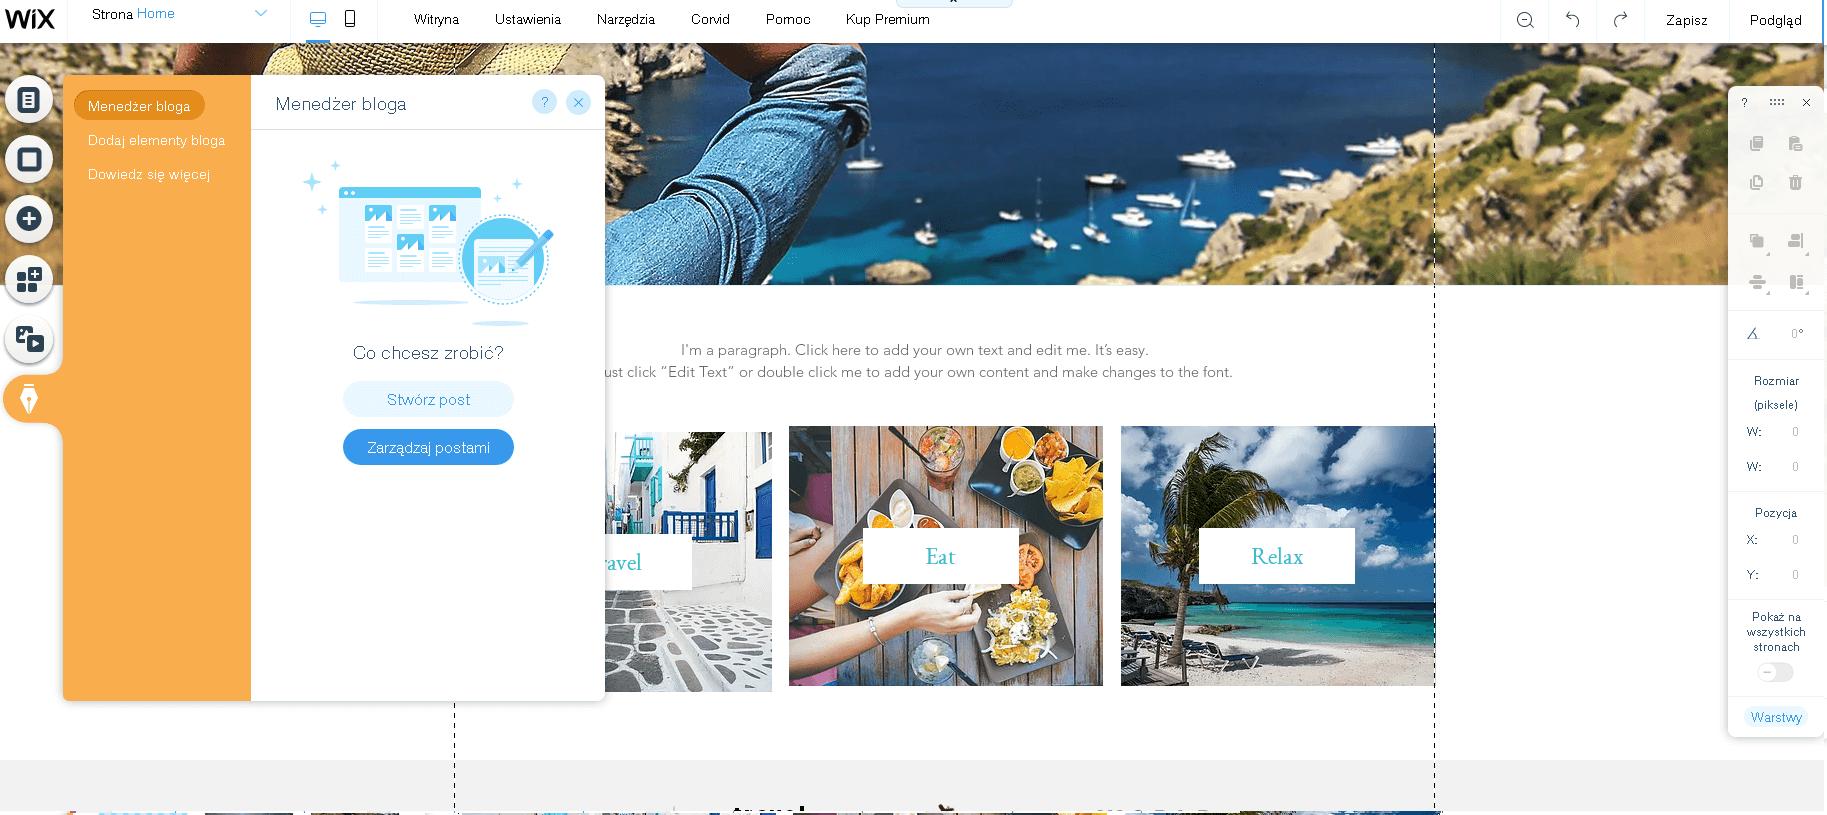 wix stworzenie bloga internetowego